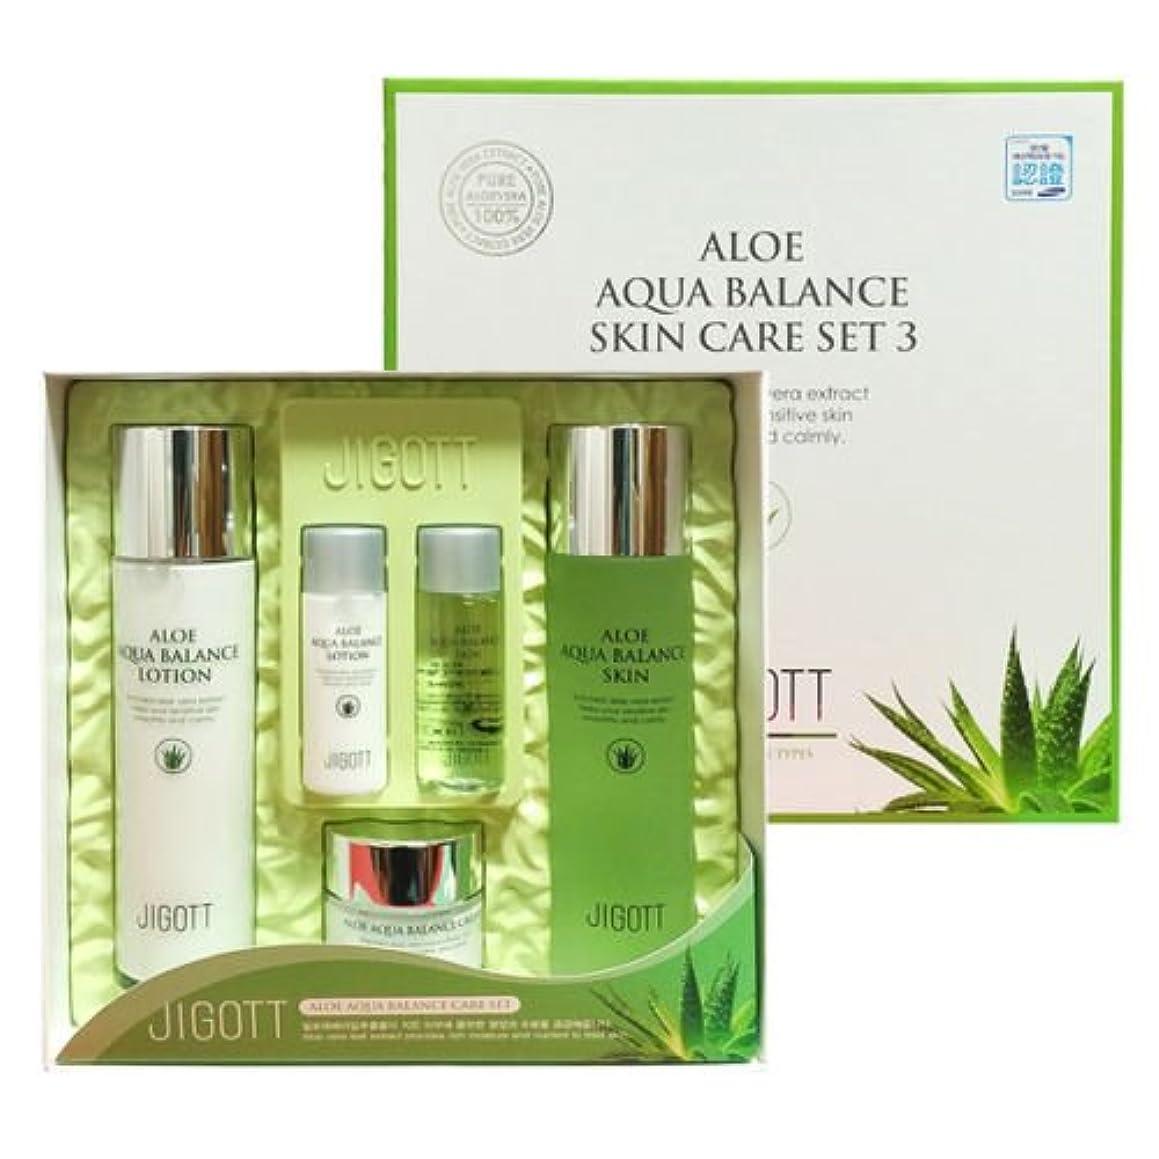 知性読者思想ジゴトゥ[韓国コスメJigott]Aloe Aqua Balance Skin Care 3 Set アロエアクアバランススキンケア3セット樹液,乳液,クリーム [並行輸入品]